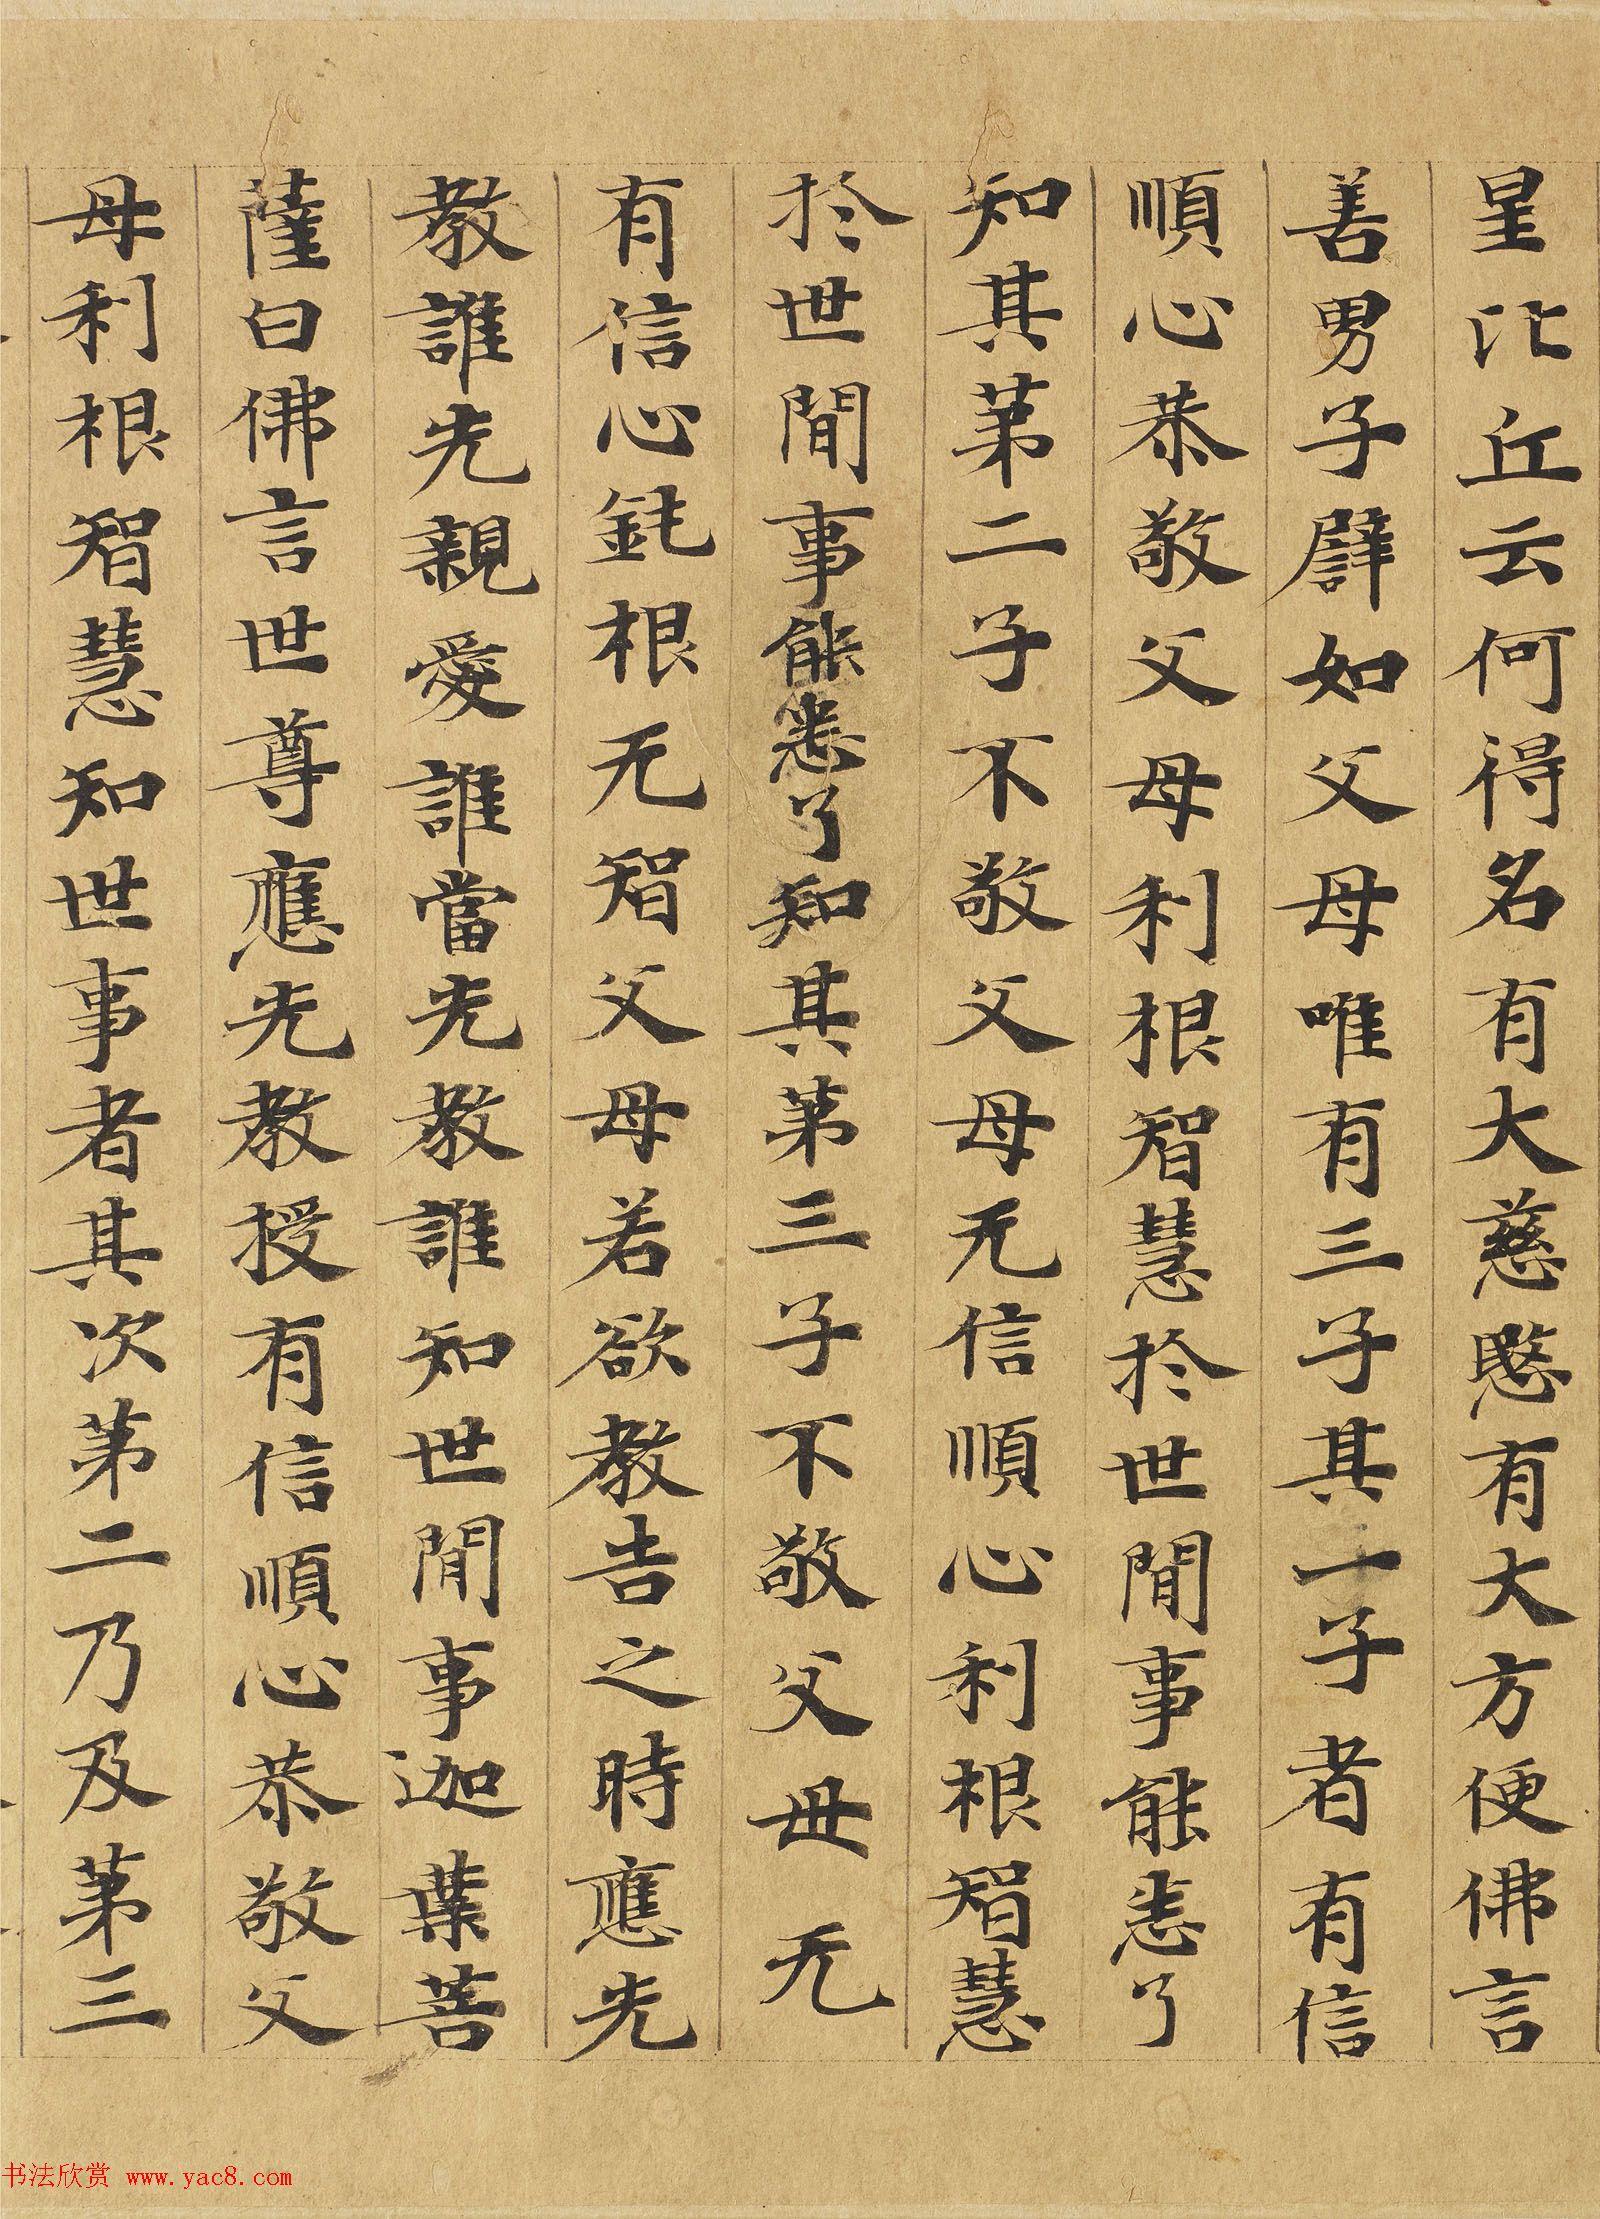 楷书高清大图欣赏《大般涅槃经迦叶菩萨品第十二》